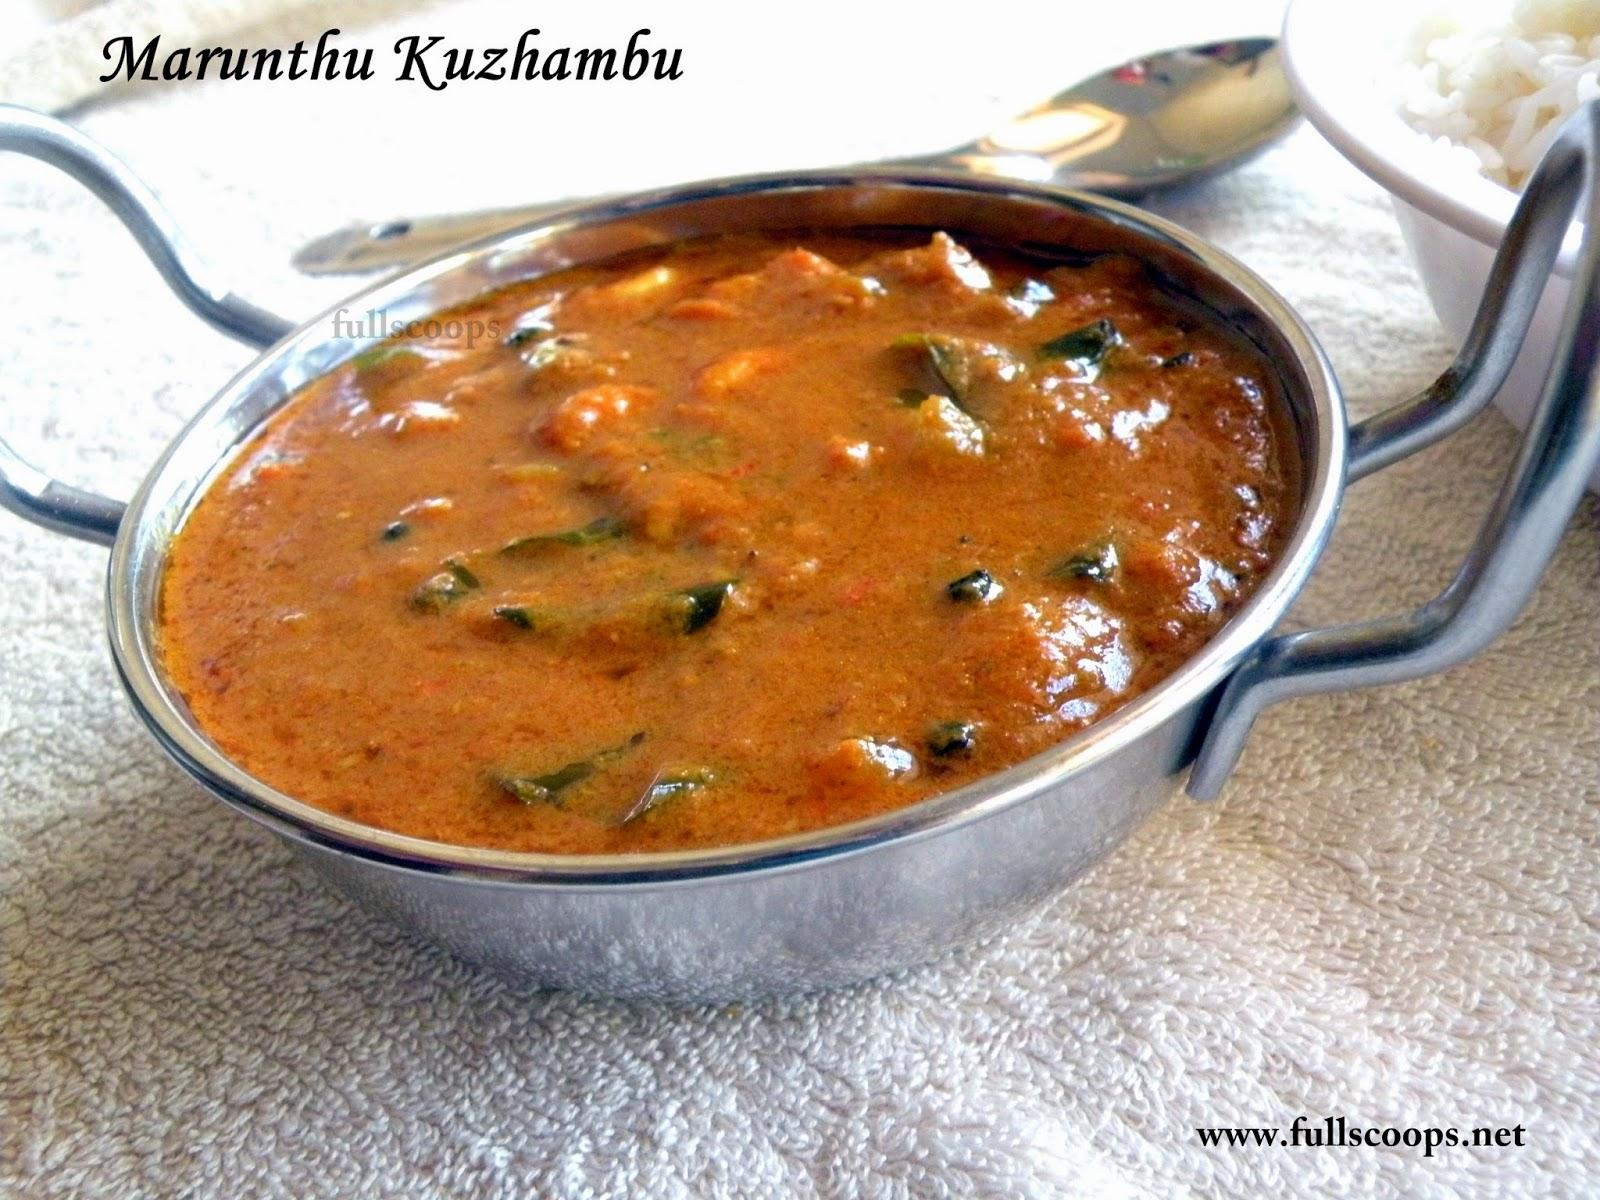 Marunthu Kuzhambu